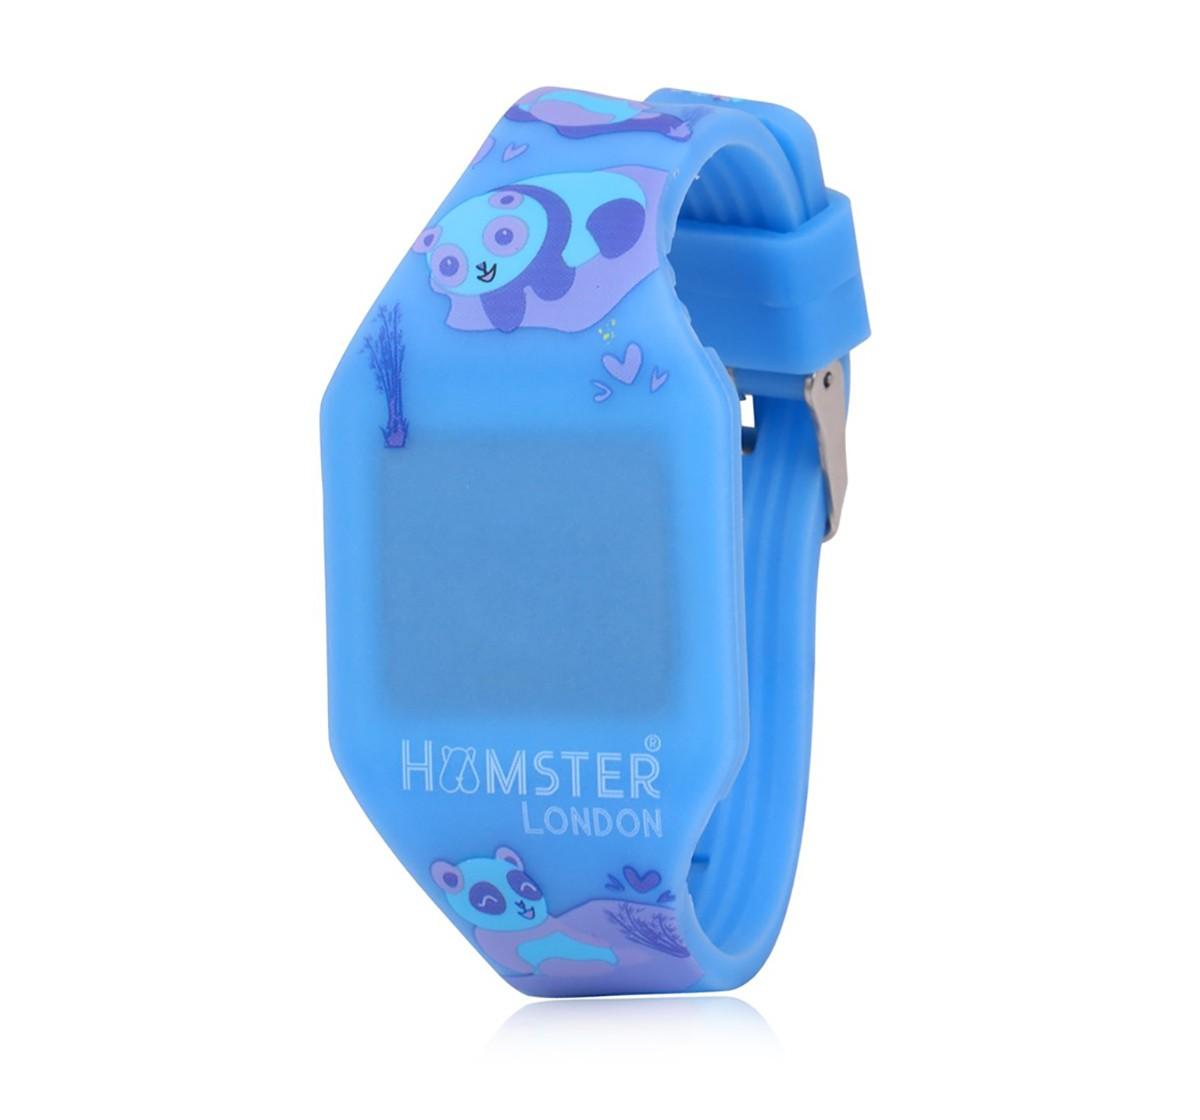 Hamster London Glow In The Dark Panda Watch for Kids age 3Y+ (Blue)